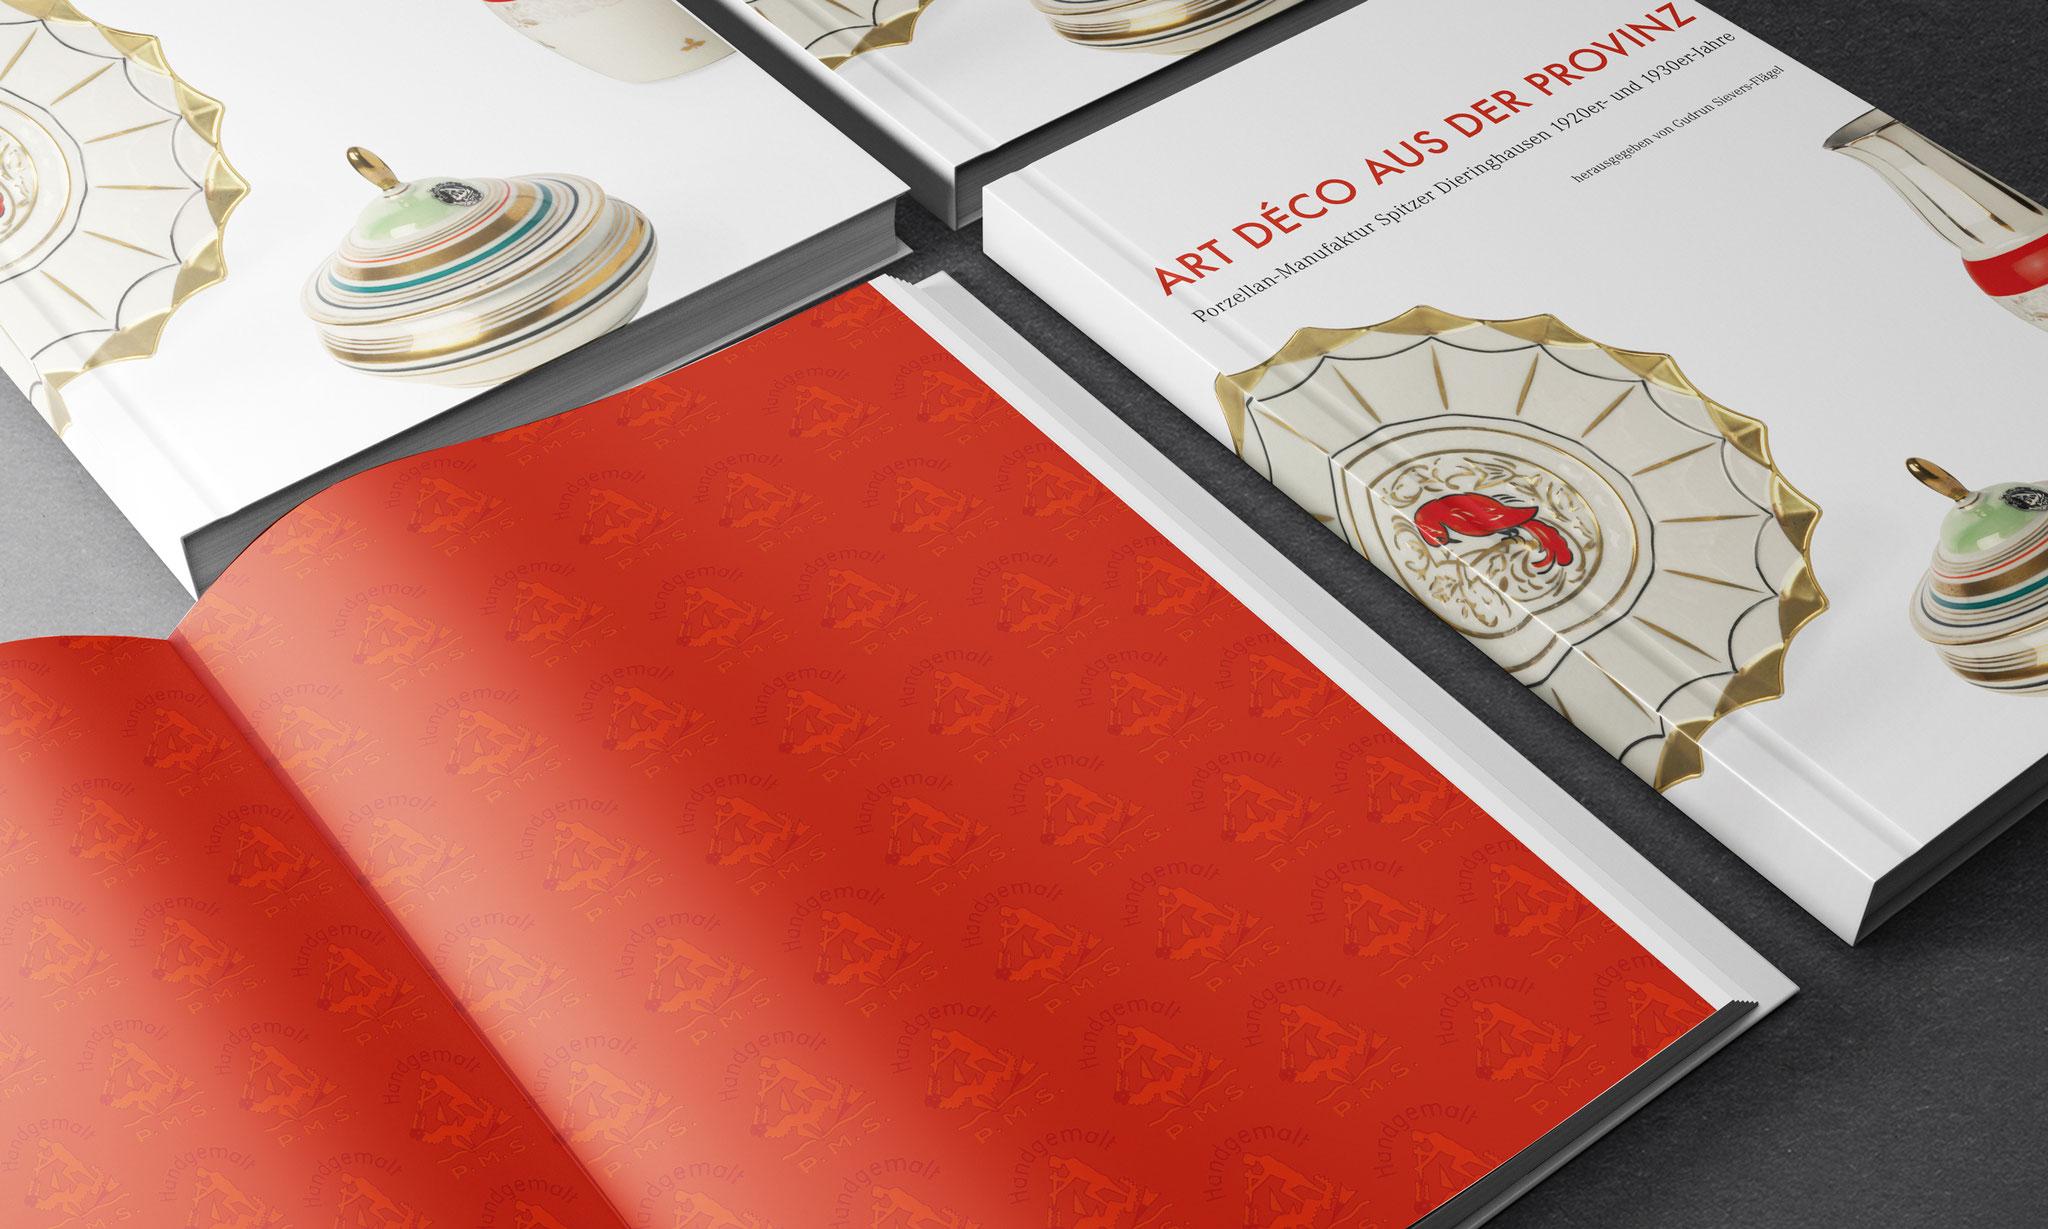 Katalog zur Ausstellung Art Déco aus der Provinz